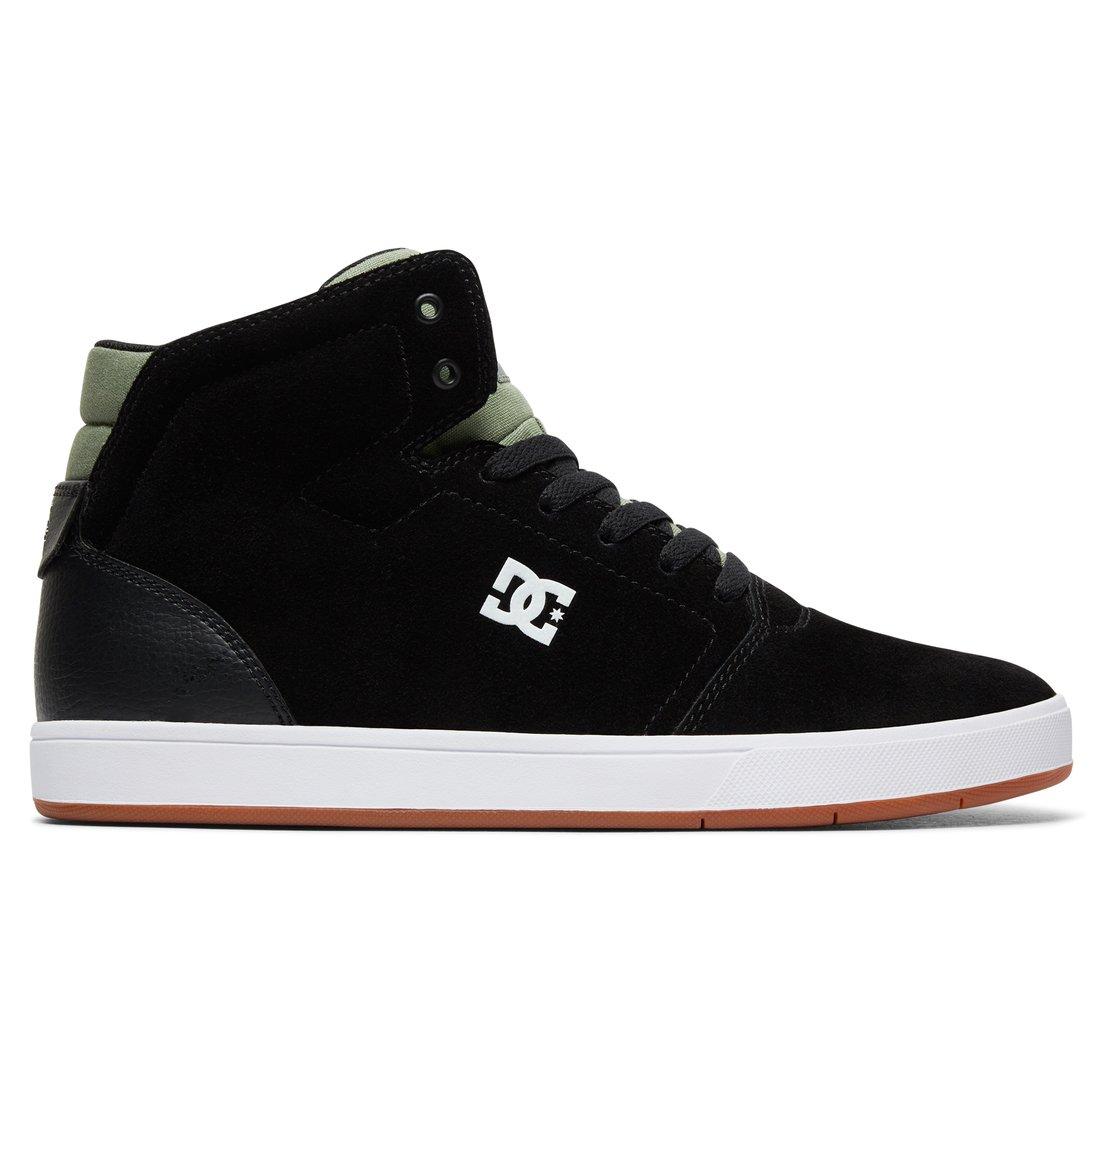 0 Tênis masculino Crisis High Preto BRADYS100032 DC Shoes 9122c22a283cc